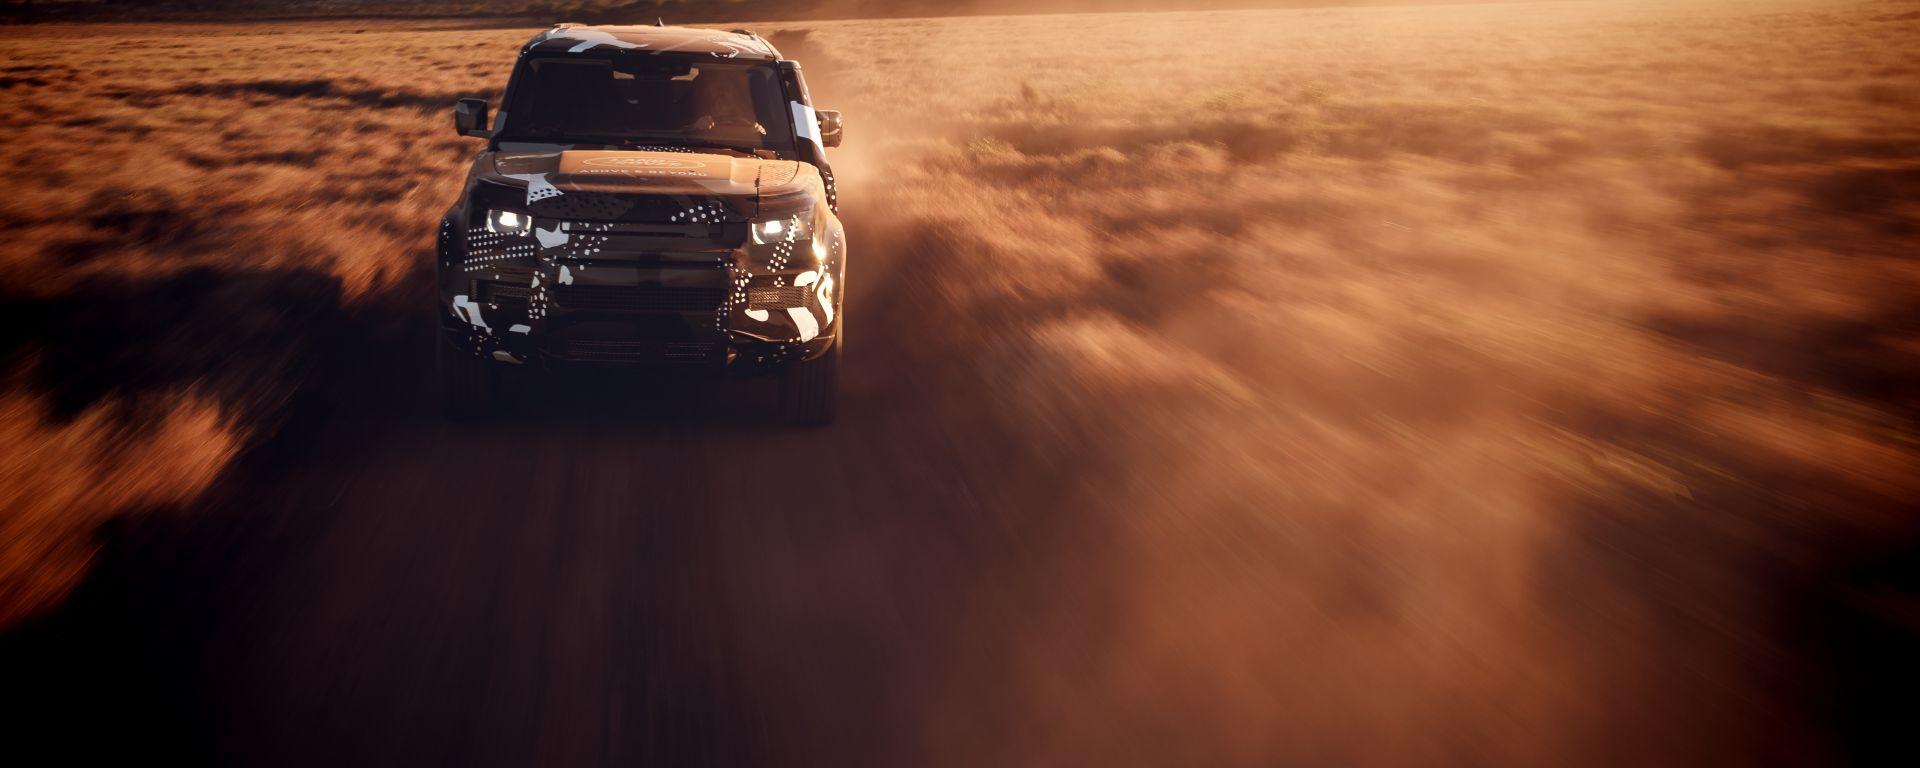 Land Rover Defender 2019: test keniota